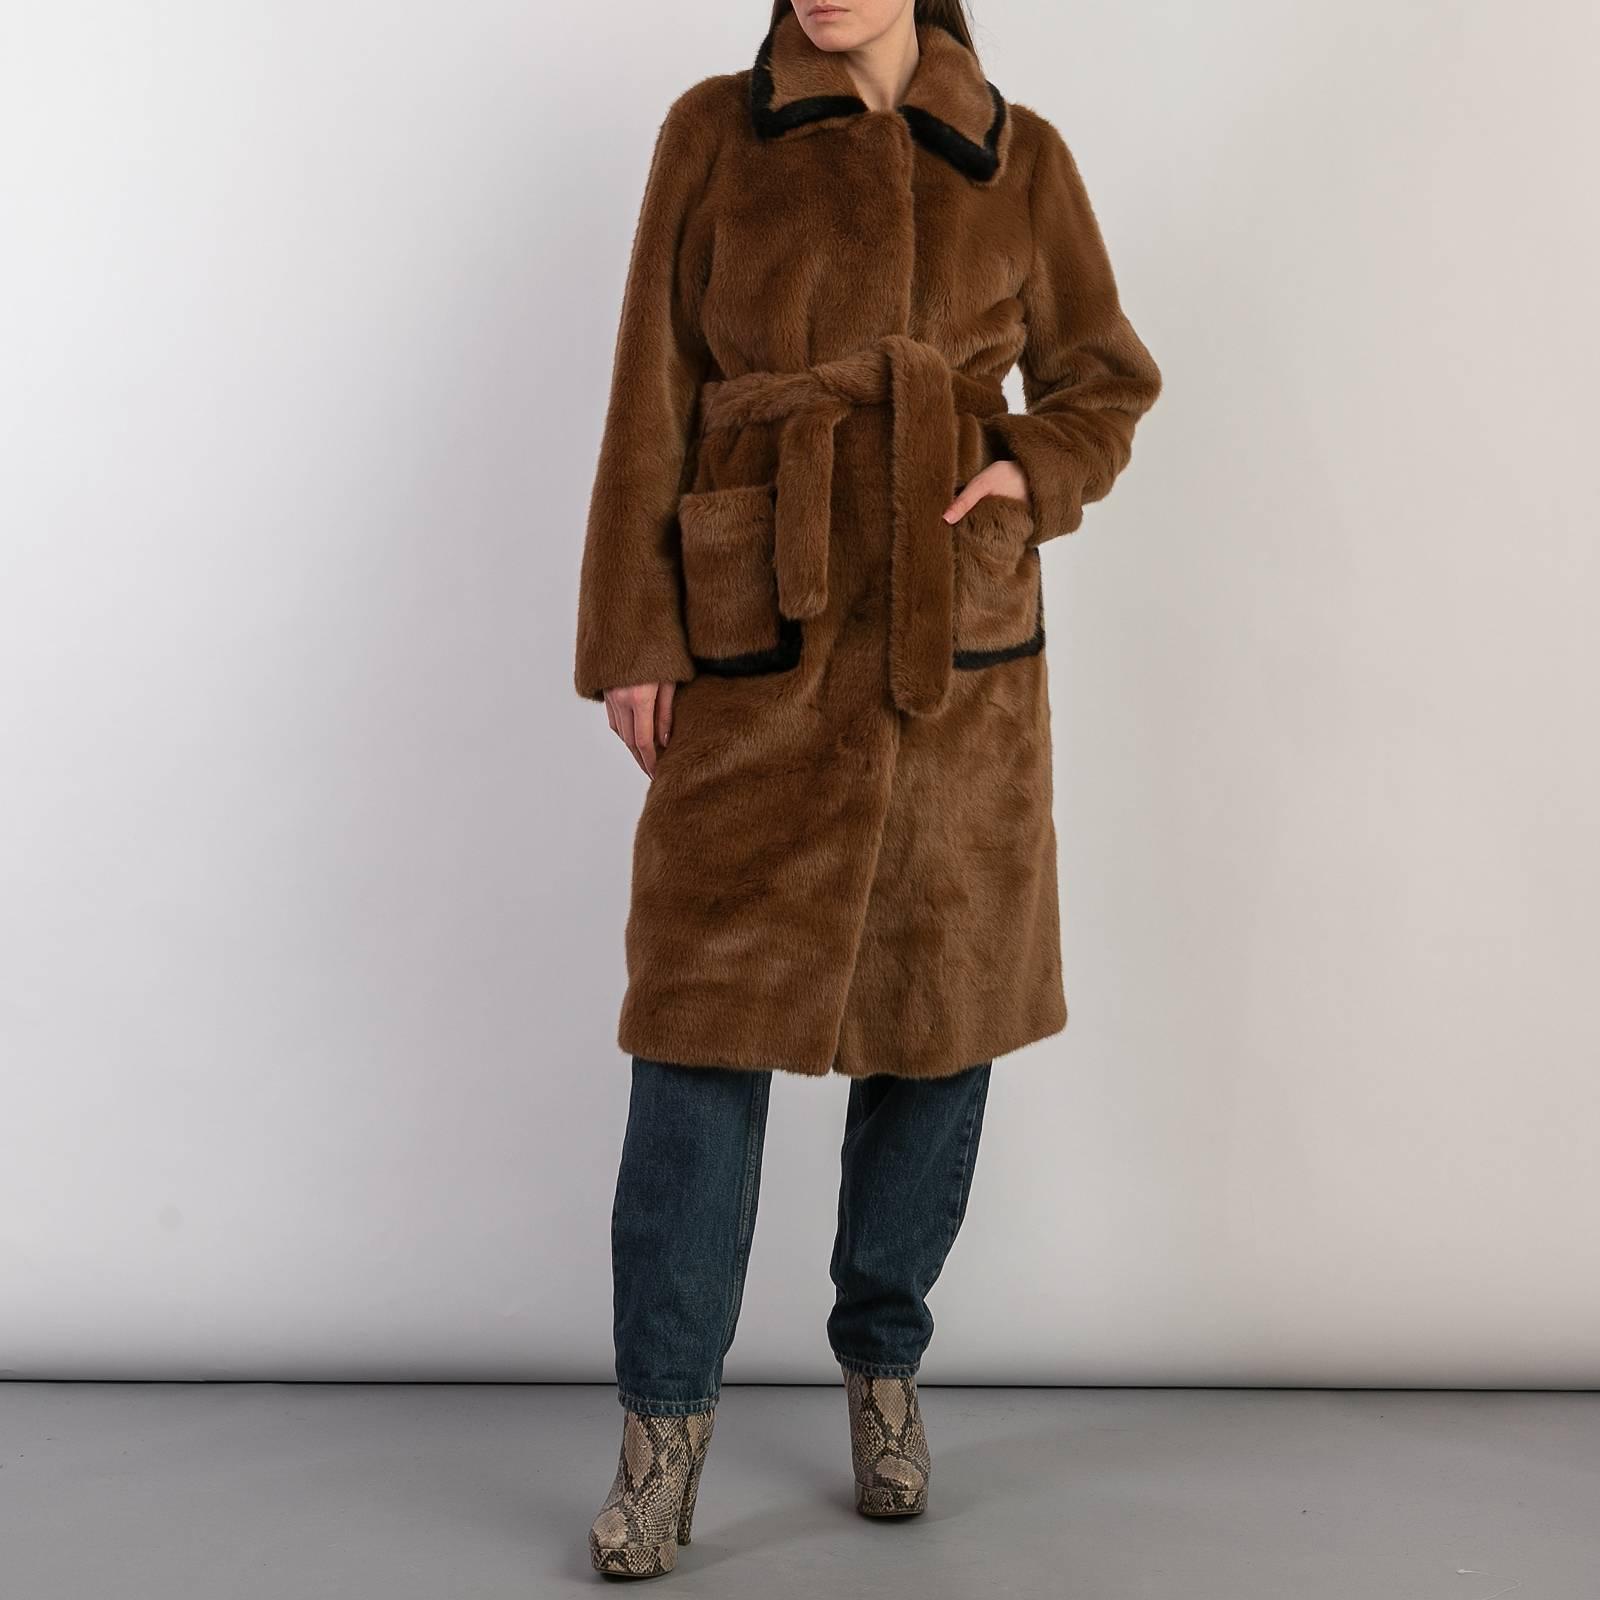 Пальто из искуссвтенного меха, Sandro,25 400 руб. secondfriendstore.ru